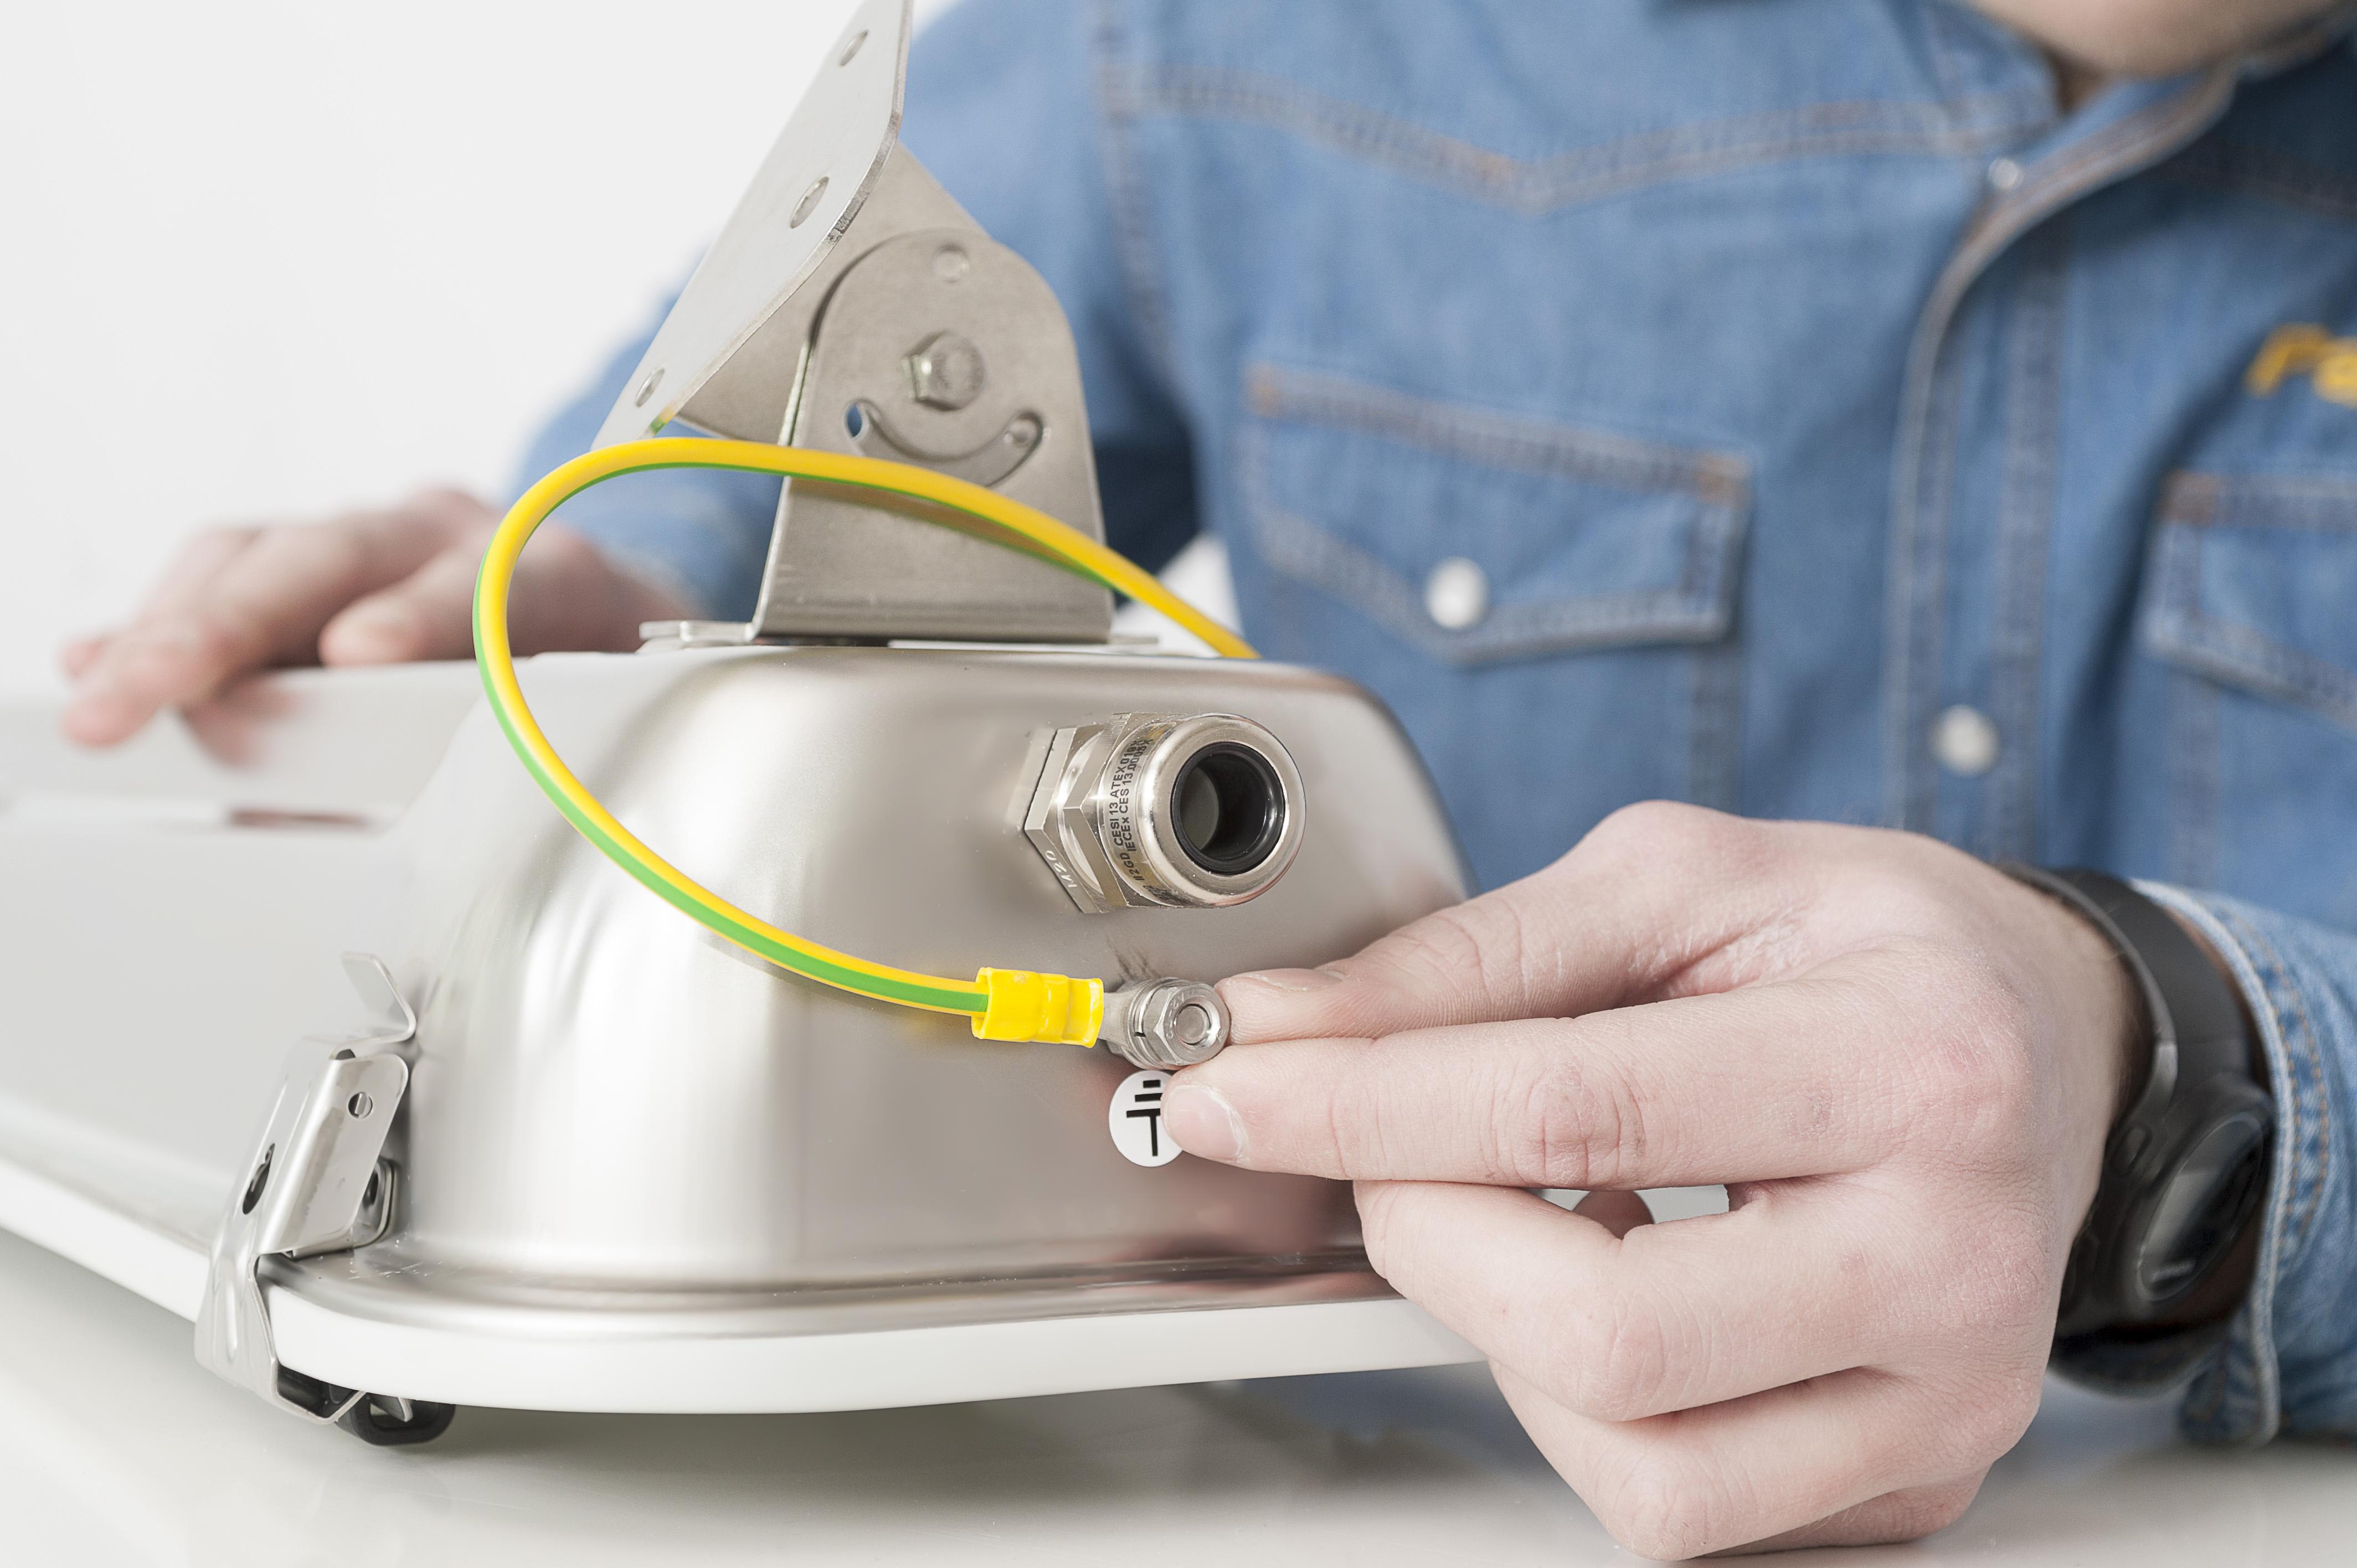 Plafoniera Officina : Plafoniere sicure per laboratori e officine elettro